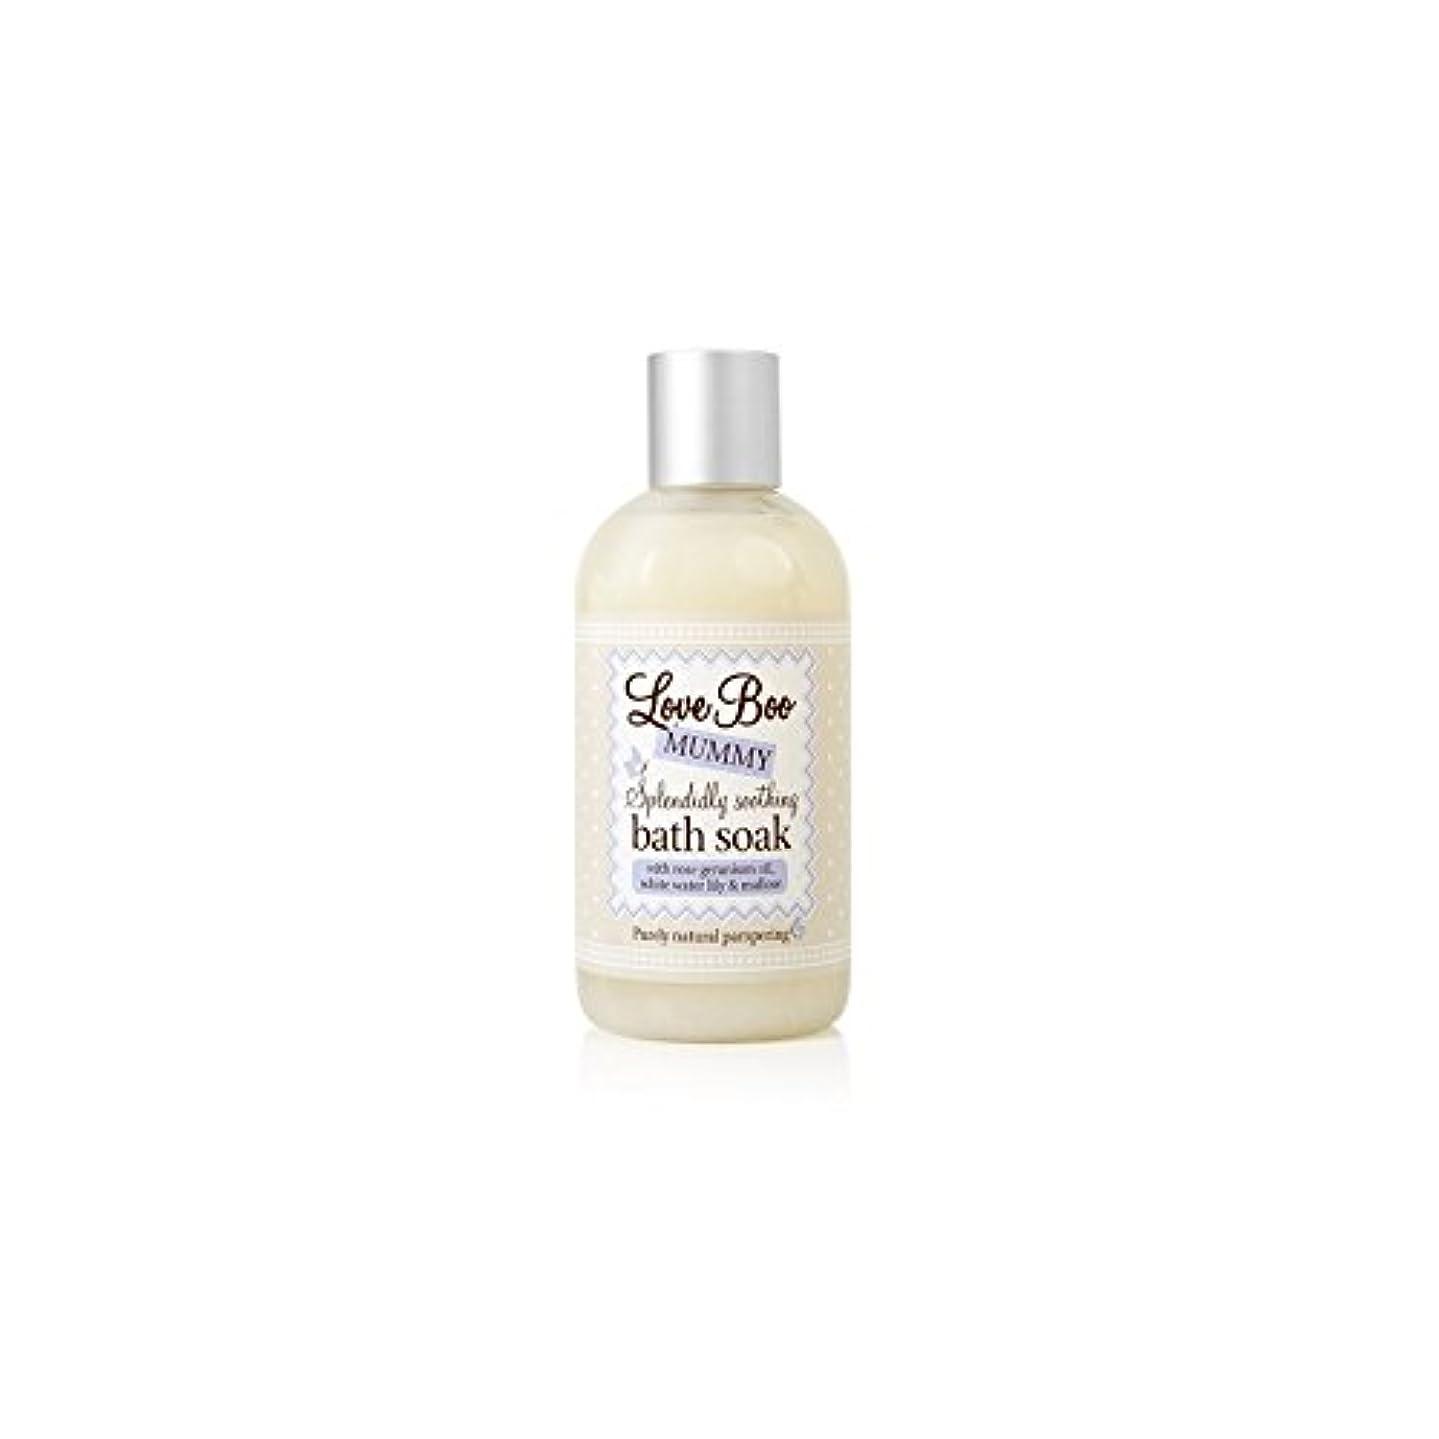 荷物お祝い極貧Love Boo Splendidly Soothing Bath Soak (250ml) (Pack of 6) - ブーイング見事なだめるようなお風呂が大好き(250ミリリットル)を浸します x6 [並行輸入品]